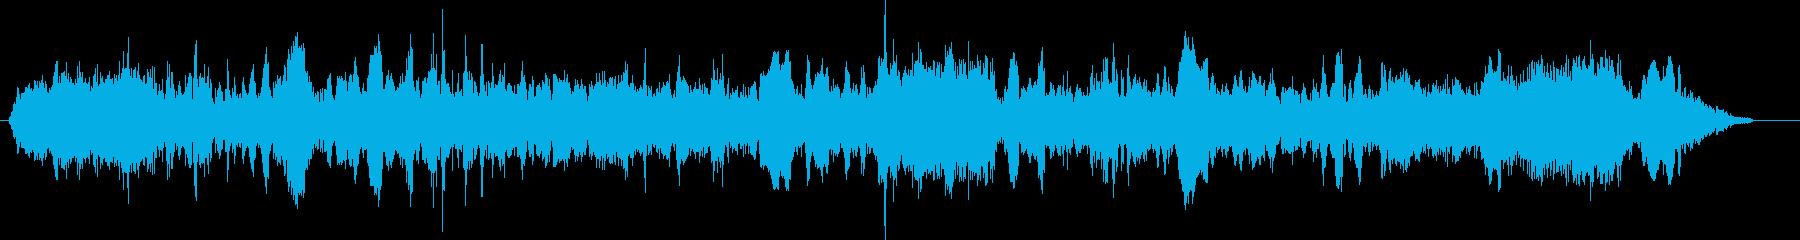 ブルドーザー;開始、ブラシで駆動;...の再生済みの波形